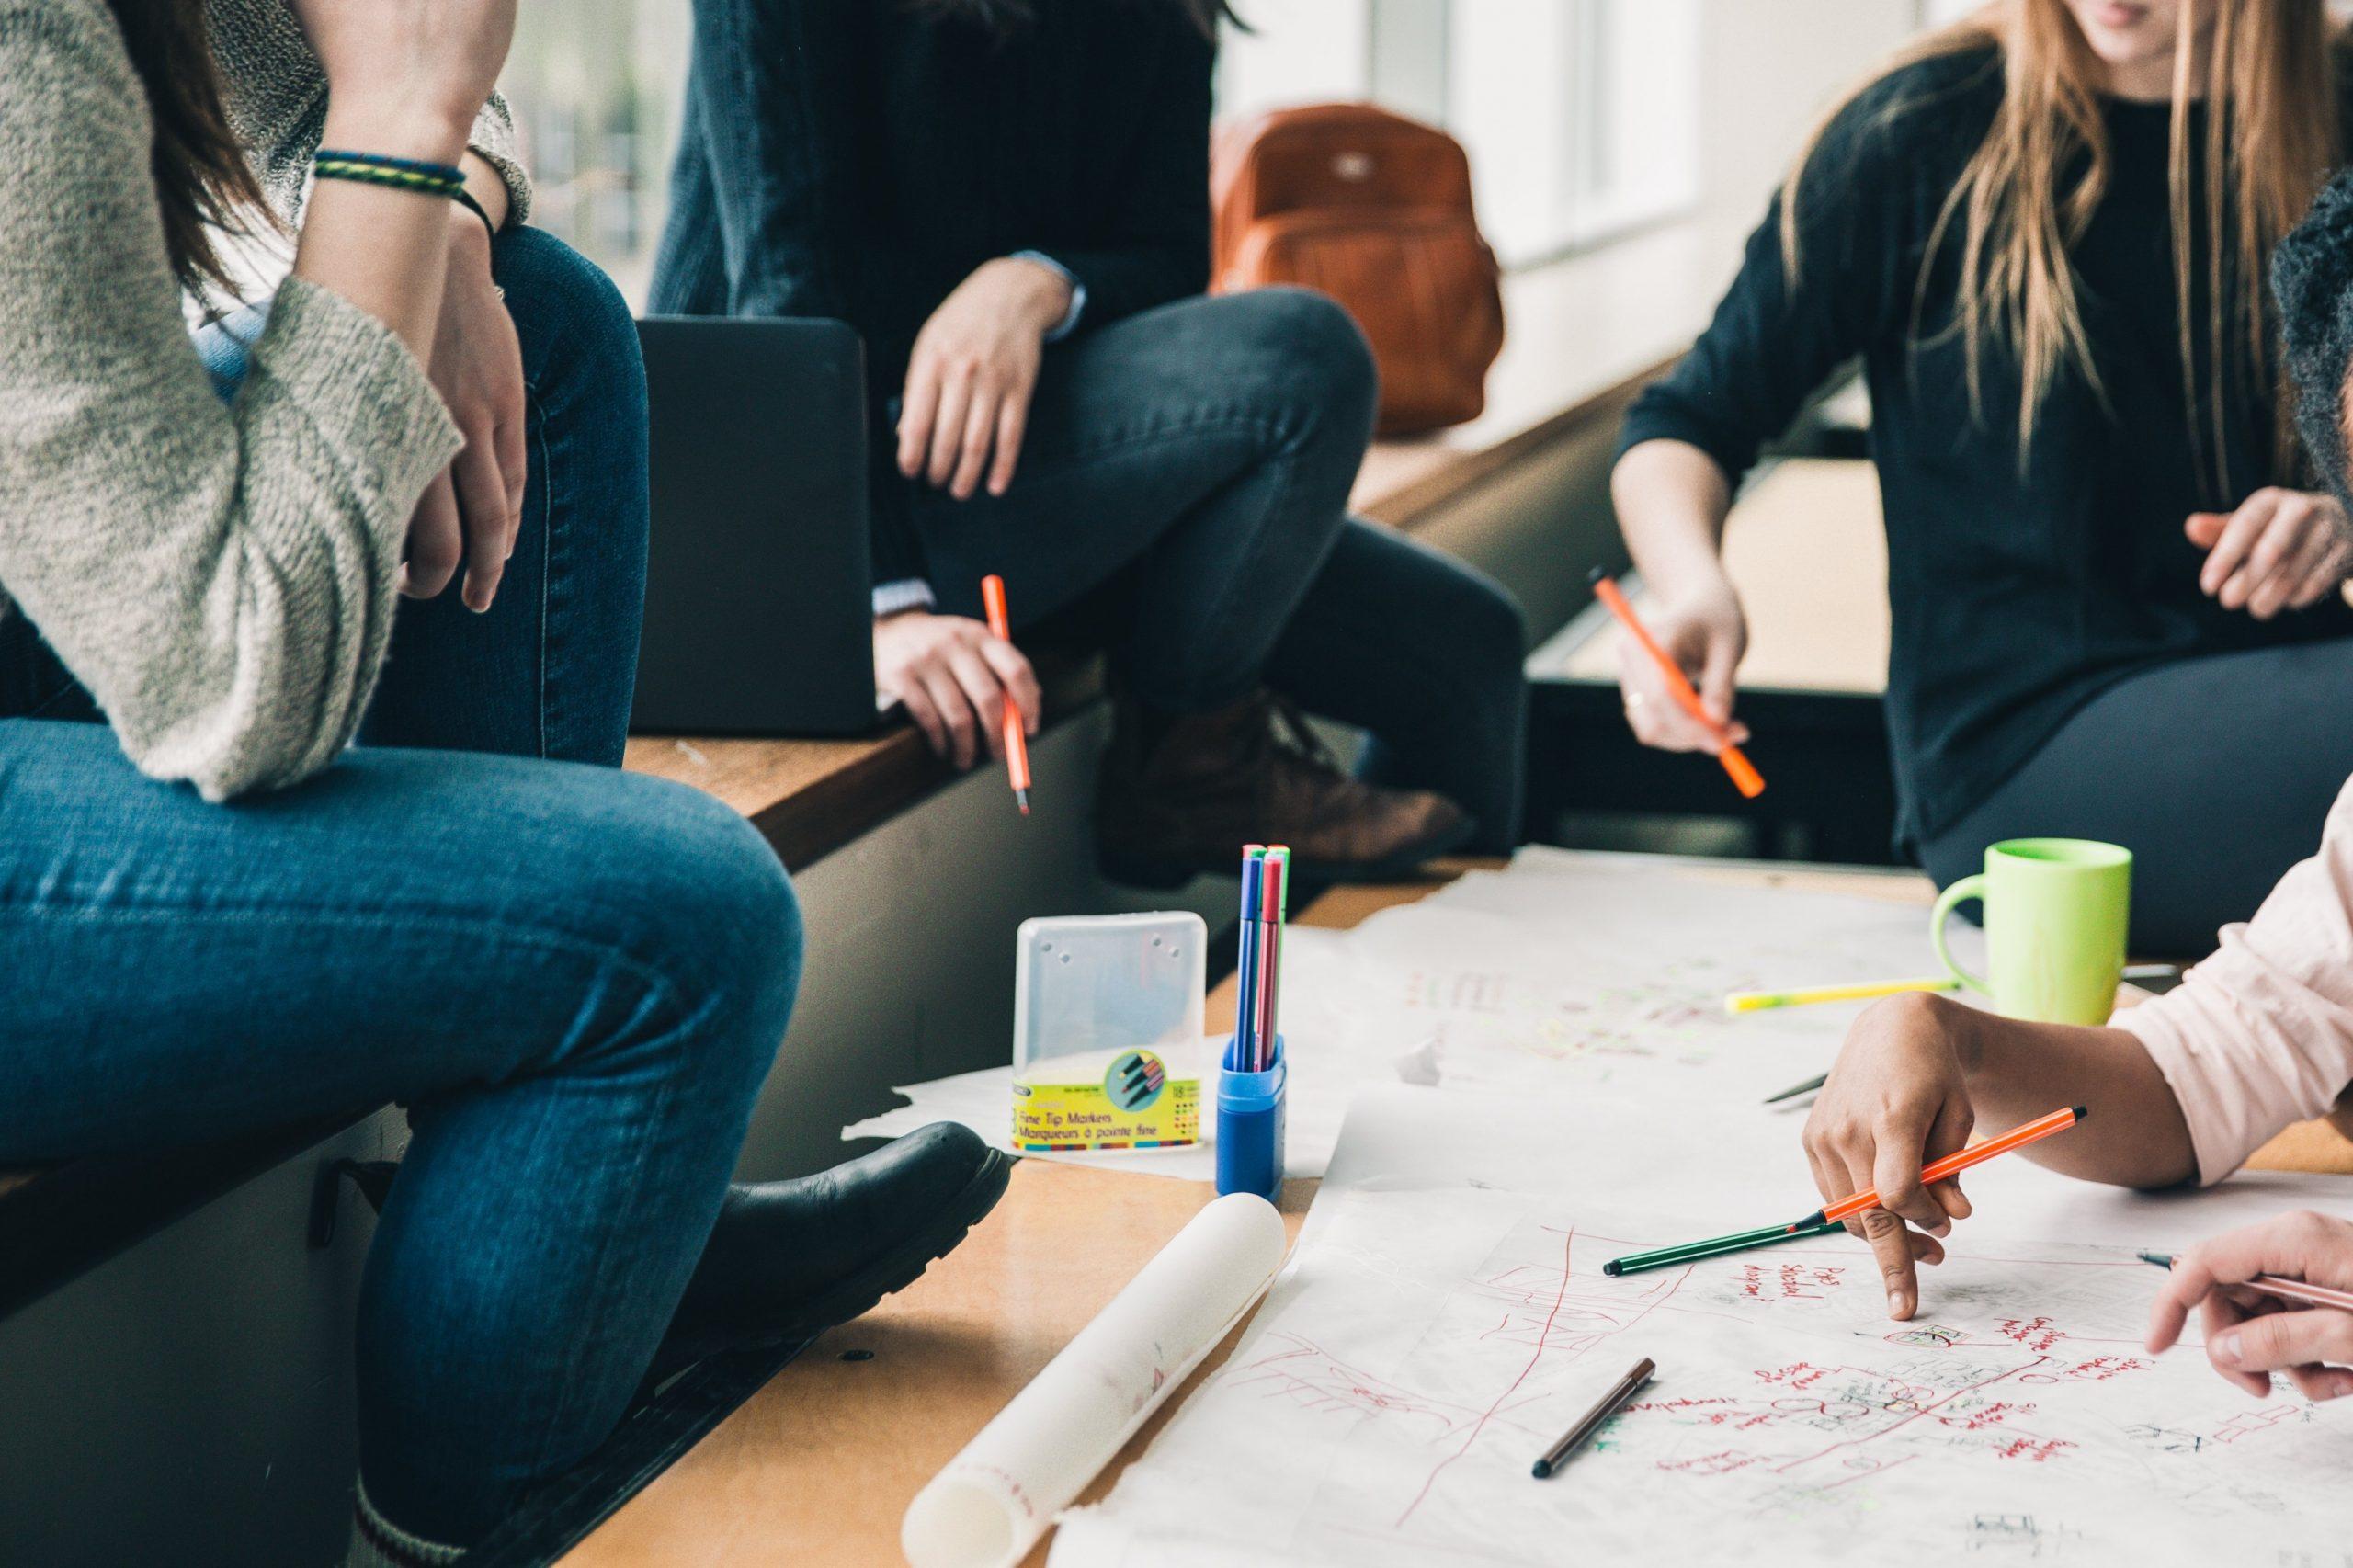 Man sieht einen Tisch mit Arbeitsmaterial, eine Gruppe junger Menschen sitzt am Tisch und unterhält sich.